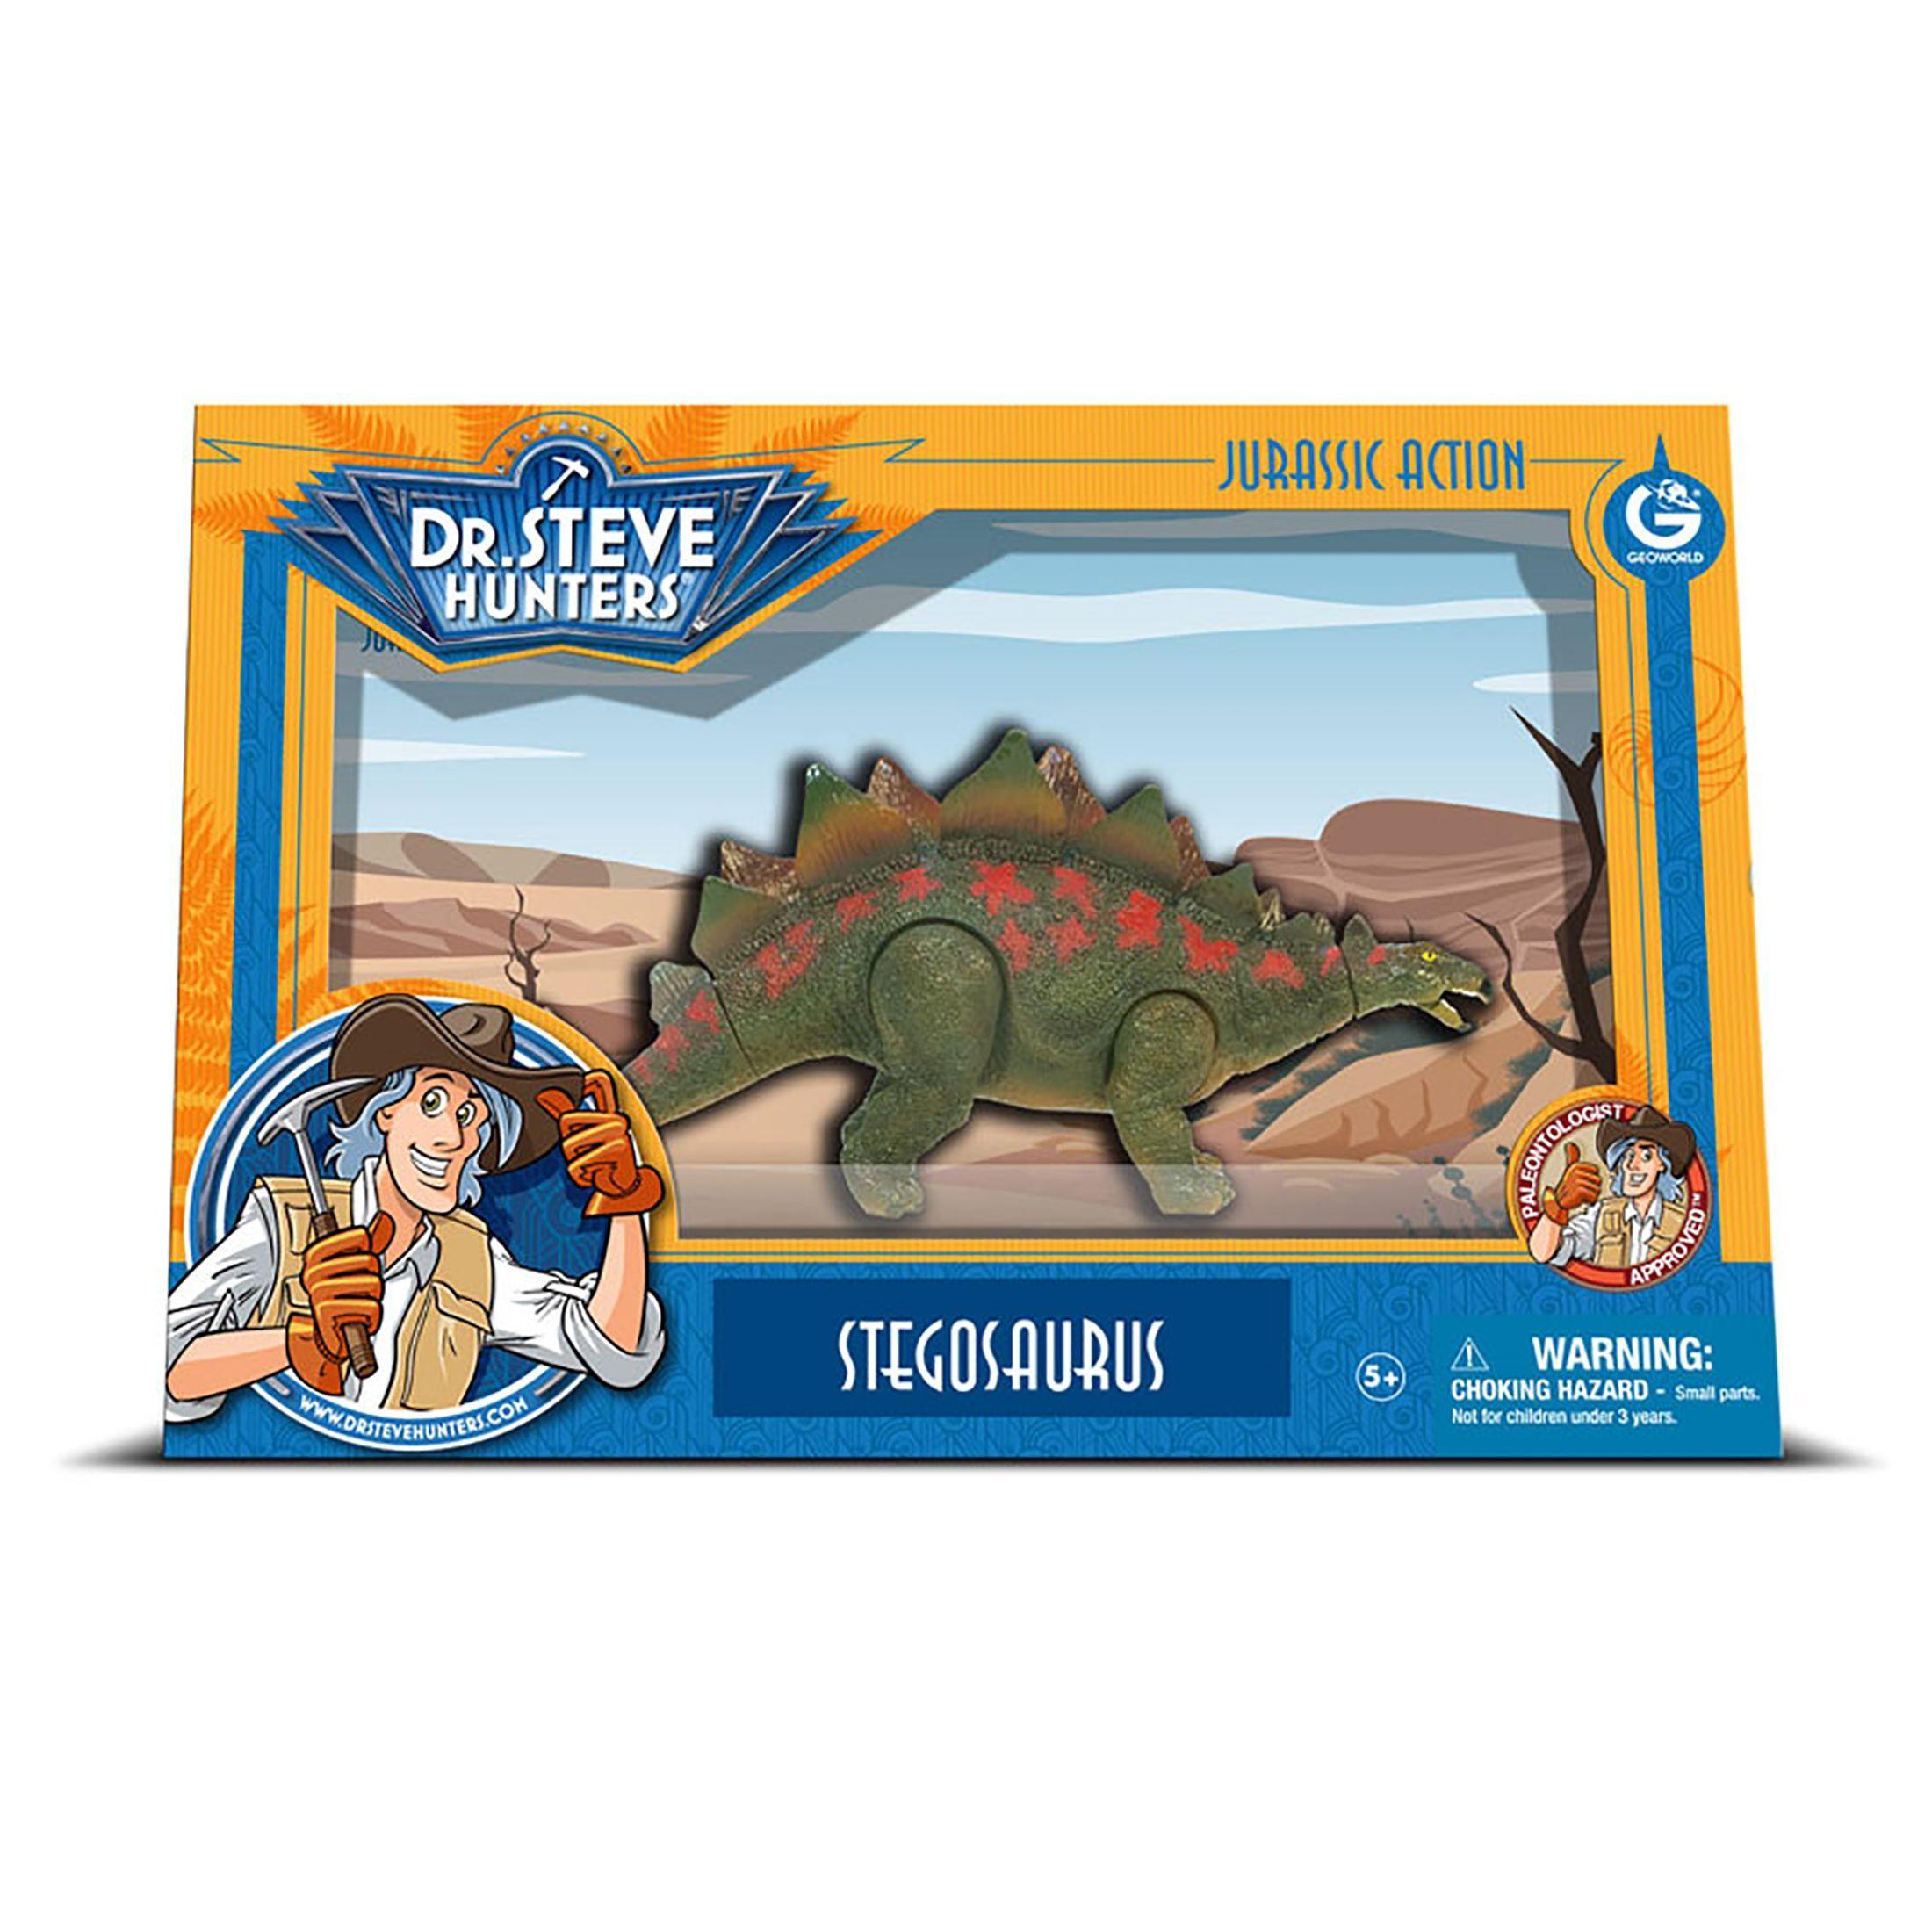 Geoworld Dr. Steve Hunters Medium Jurassic Action Stegosaurus